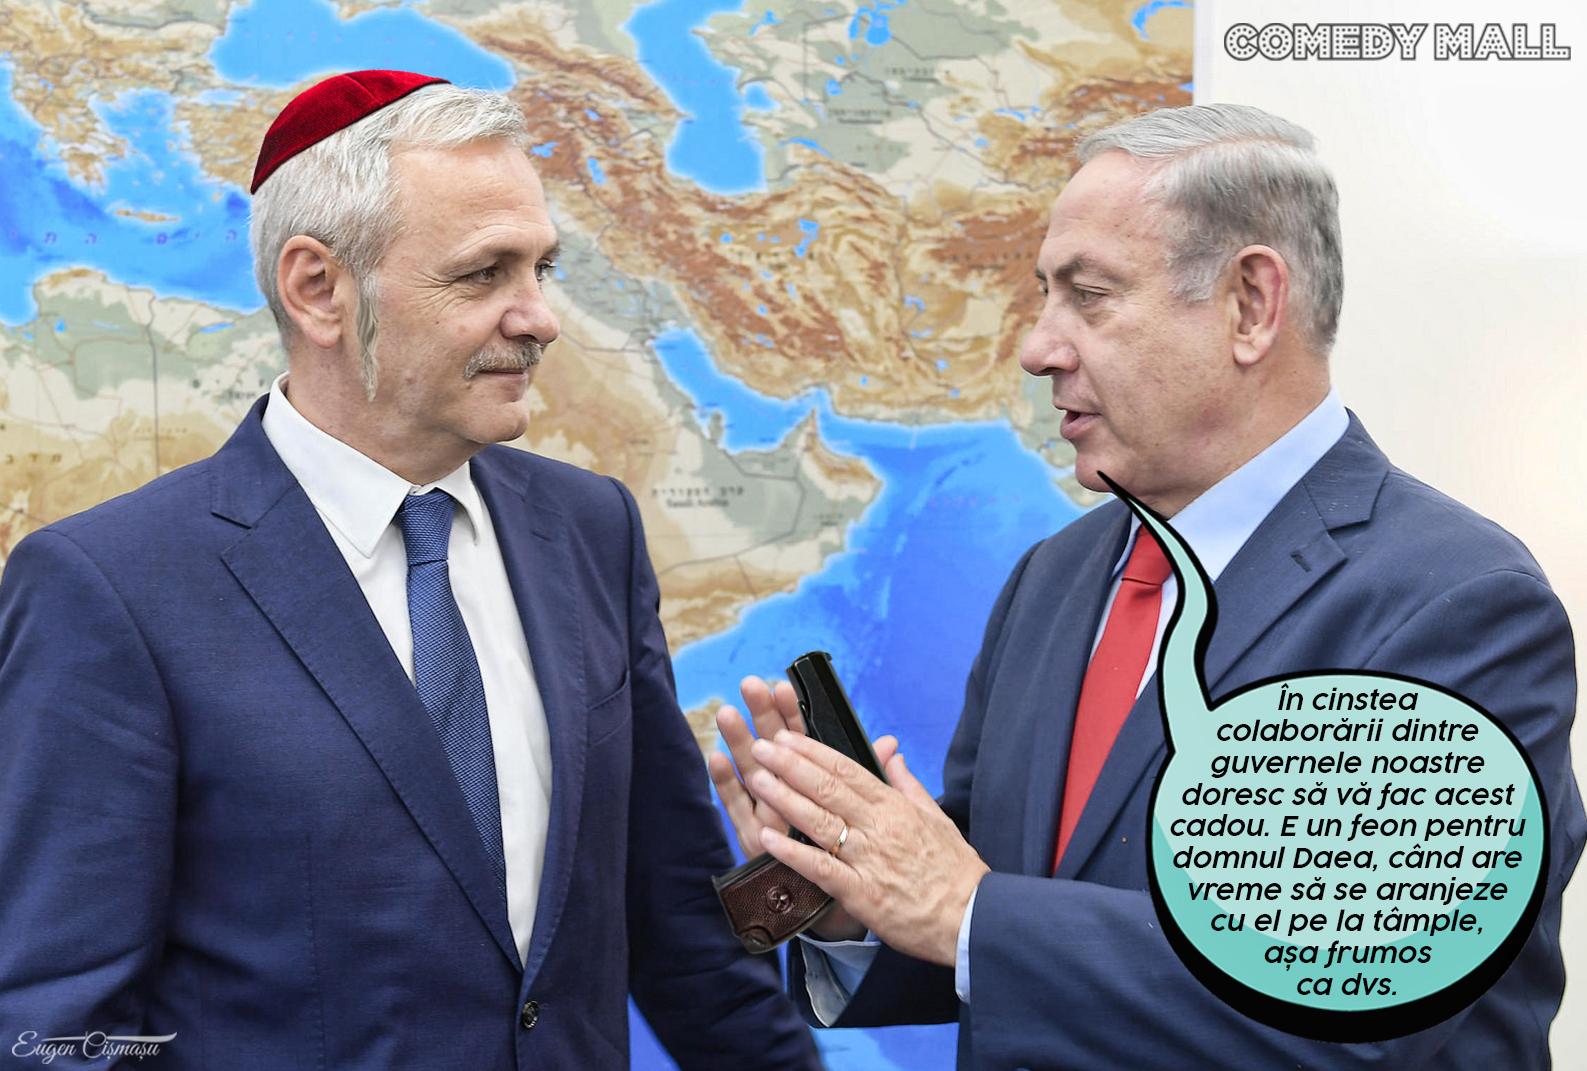 """Israelului anunţă o şedinţă comună la Bucureşti. Şedinţa va purta, probabil, numele de """" Make foto"""" ."""